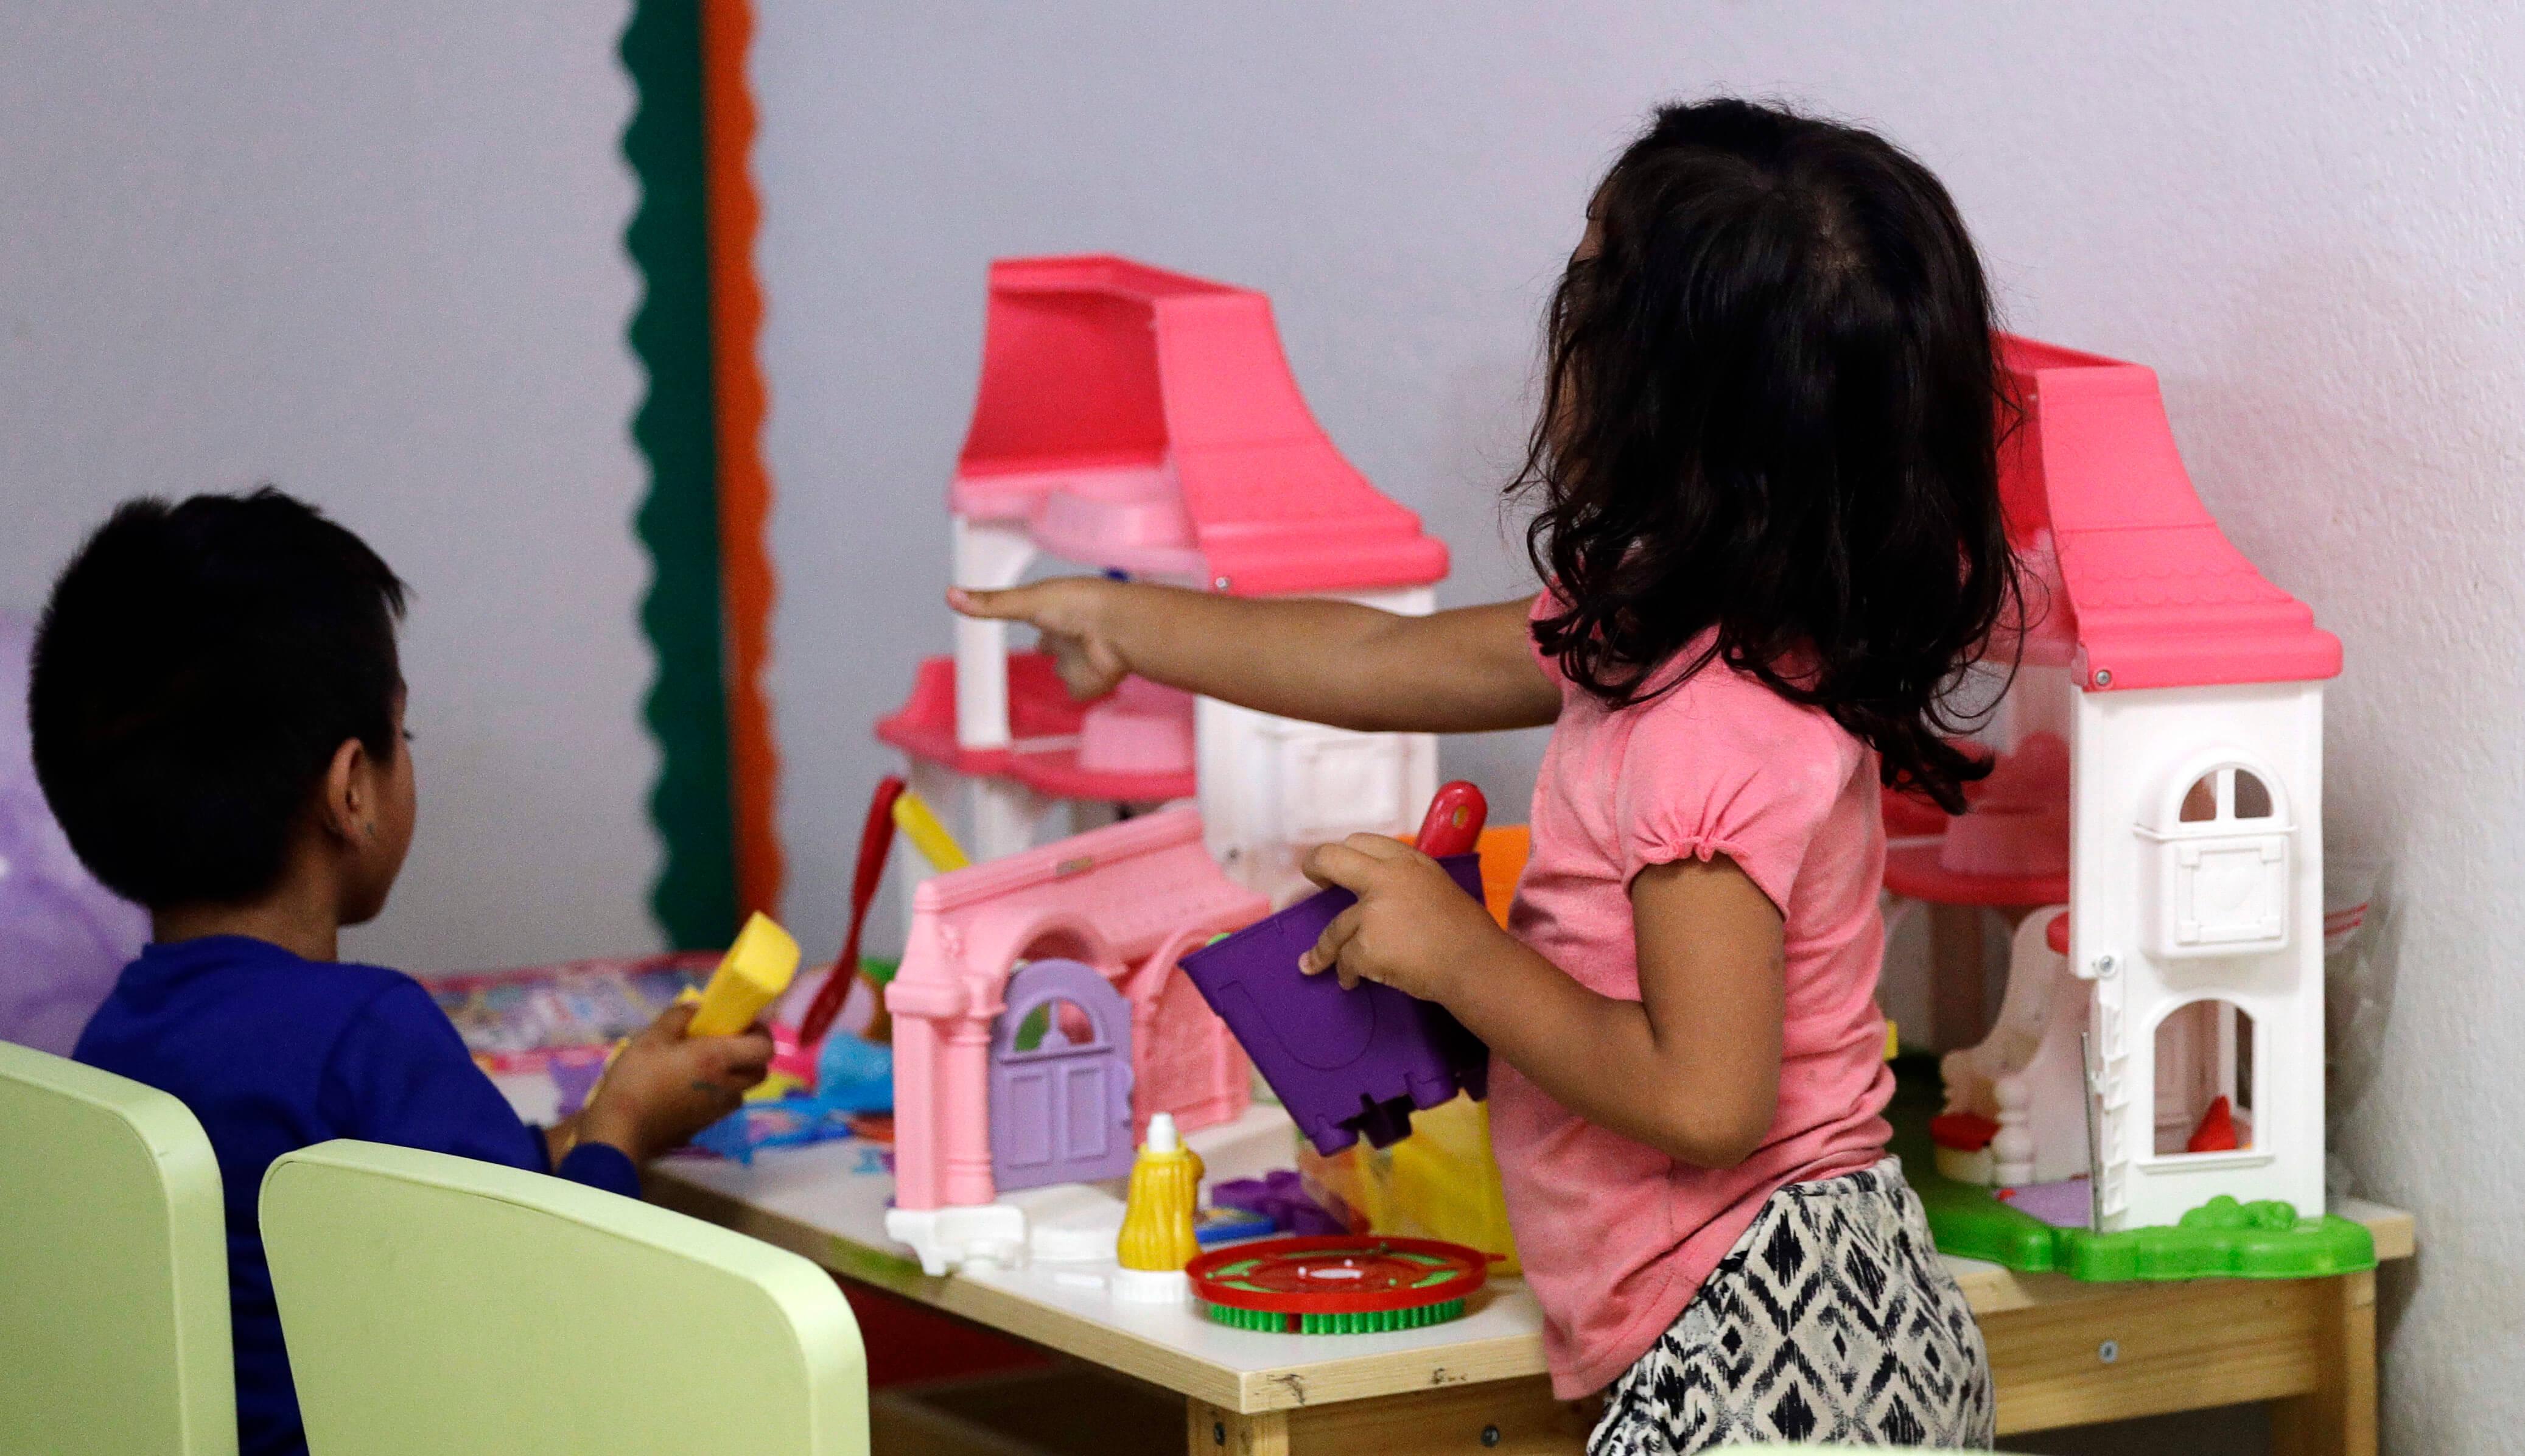 Niños migrantes en albergue de Caridades Católicas en Texas